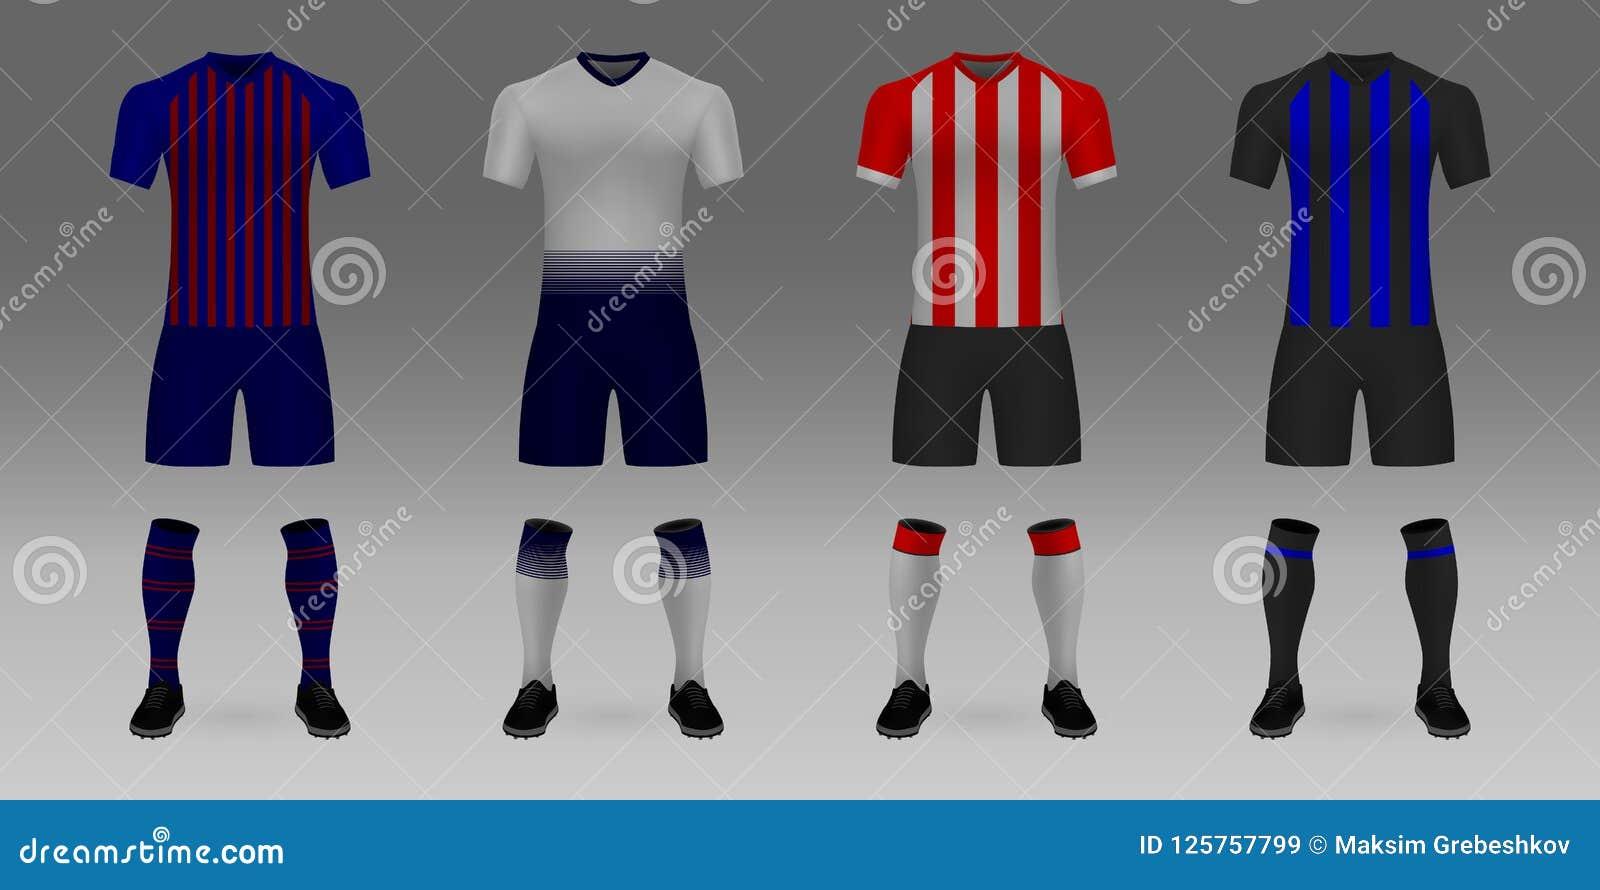 Mockup Of Football Team Uniform Stock Vector - Illustration